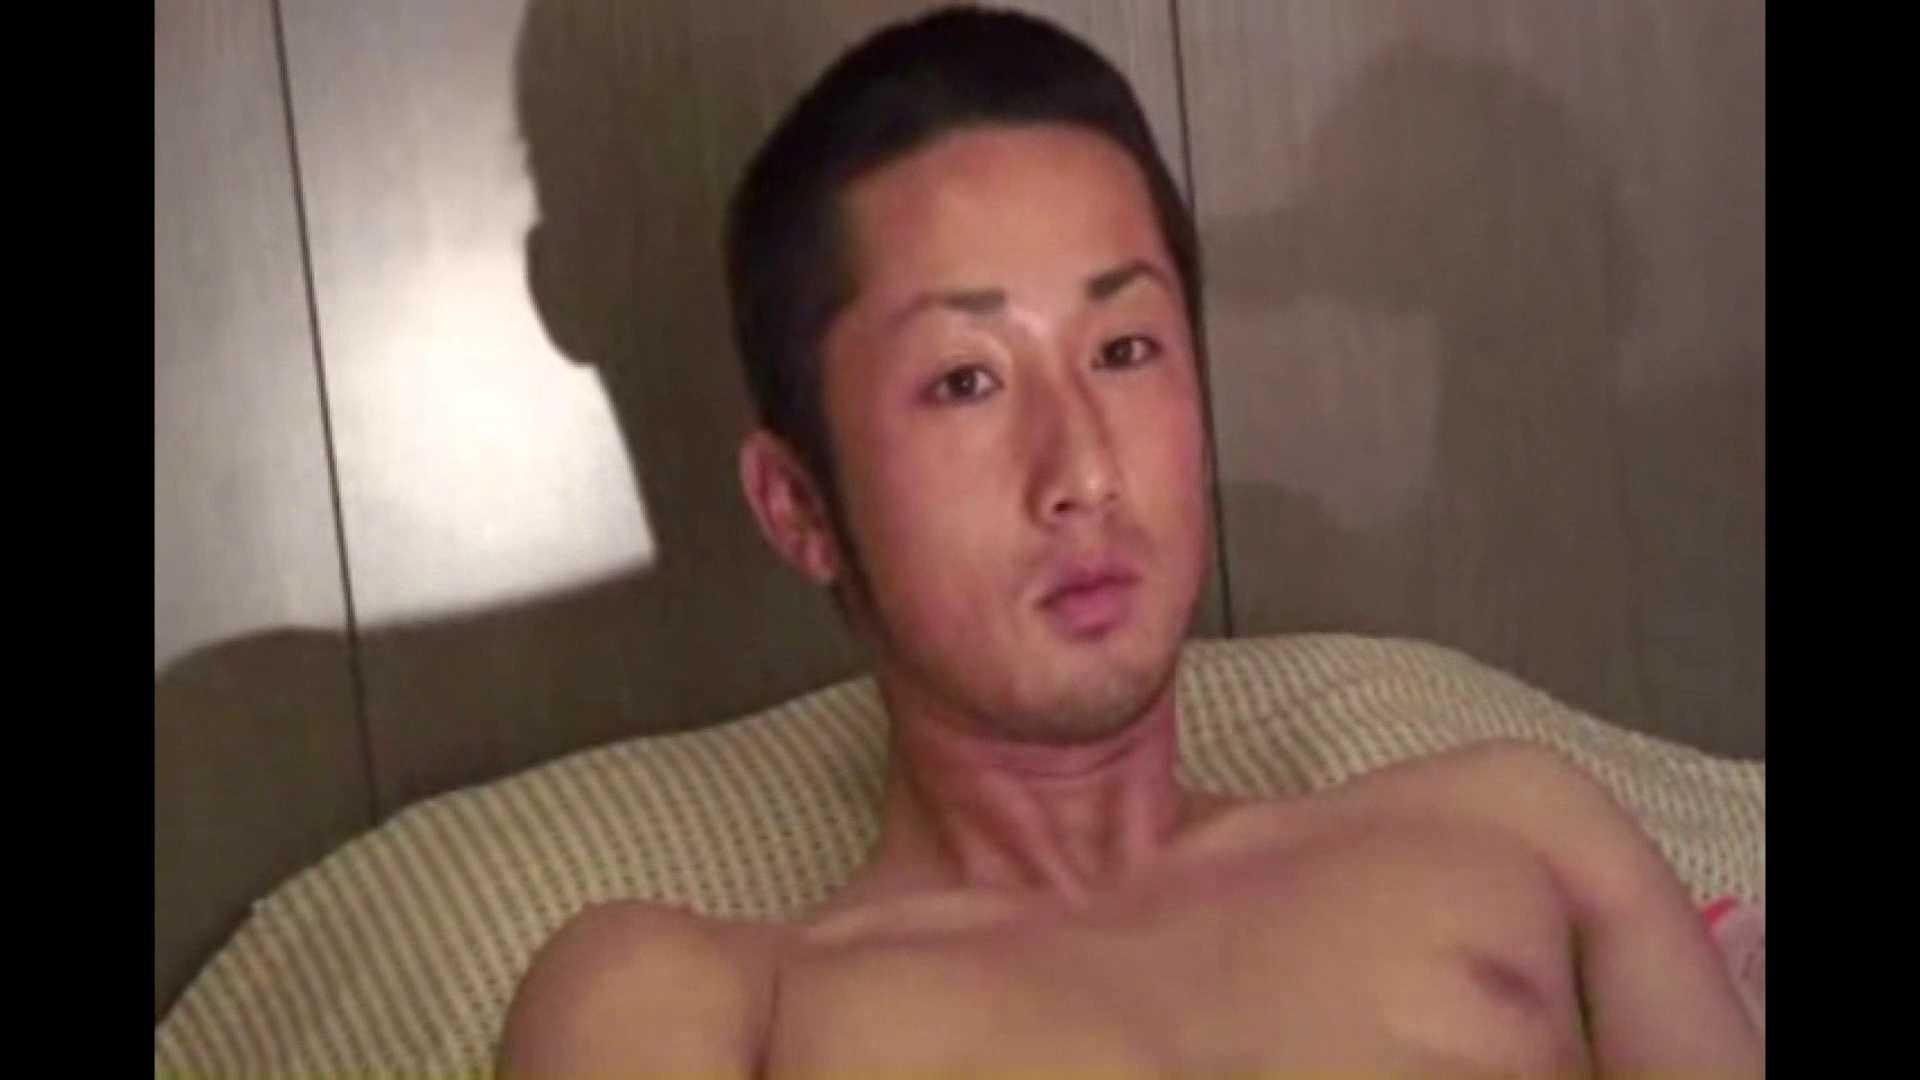 ノンケイケメンの欲望と肉棒 Vol.4 肉   ノンケボーイズ  52pic 47